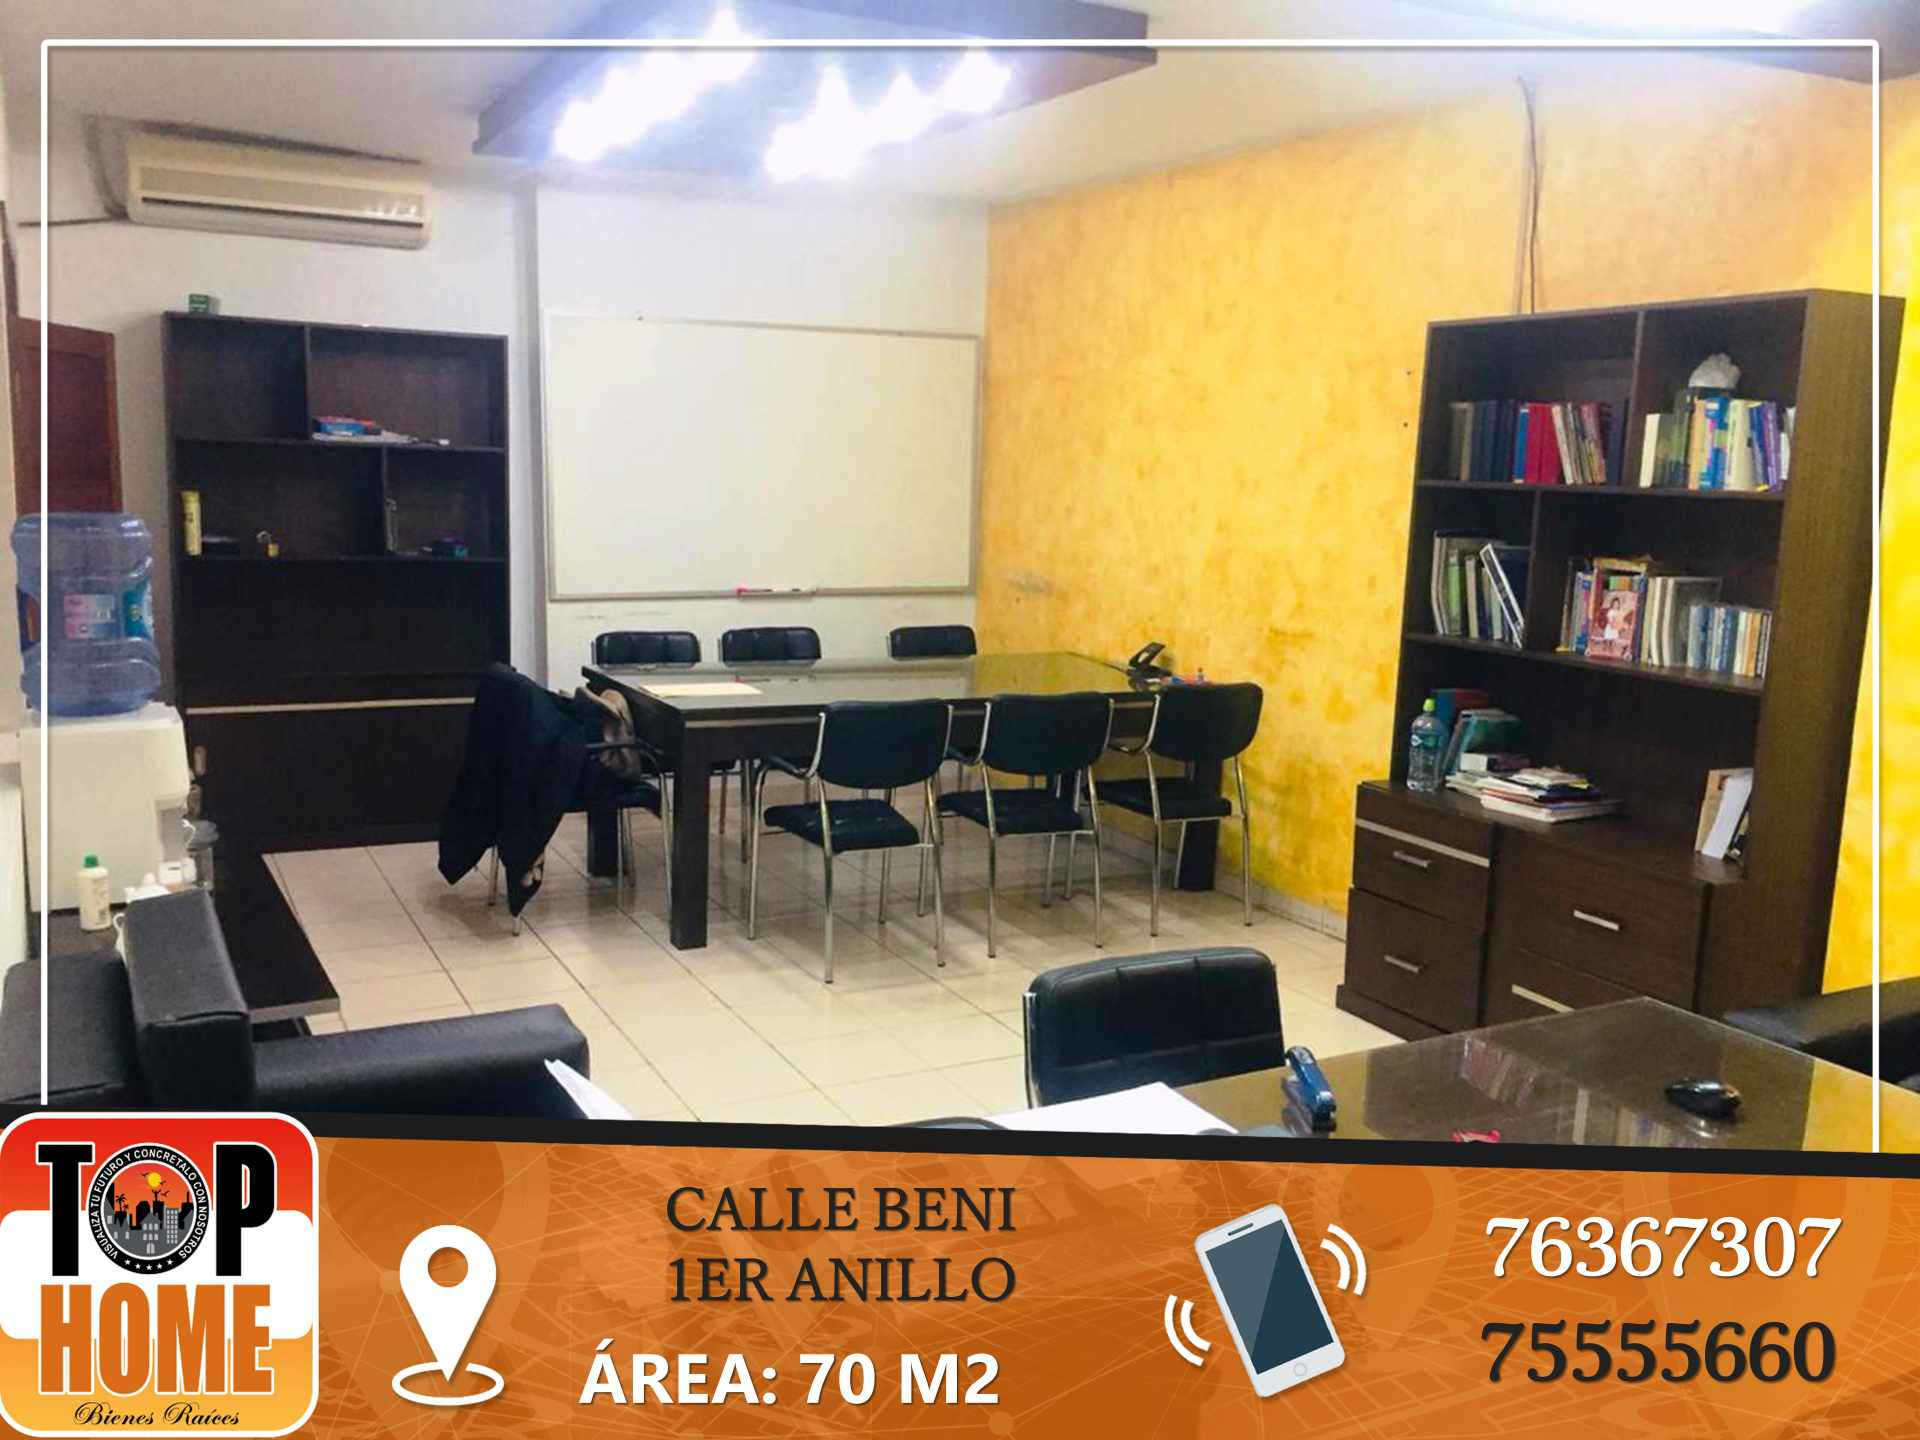 Oficina en Alquiler AV BENI 1ER ANILLO Foto 3